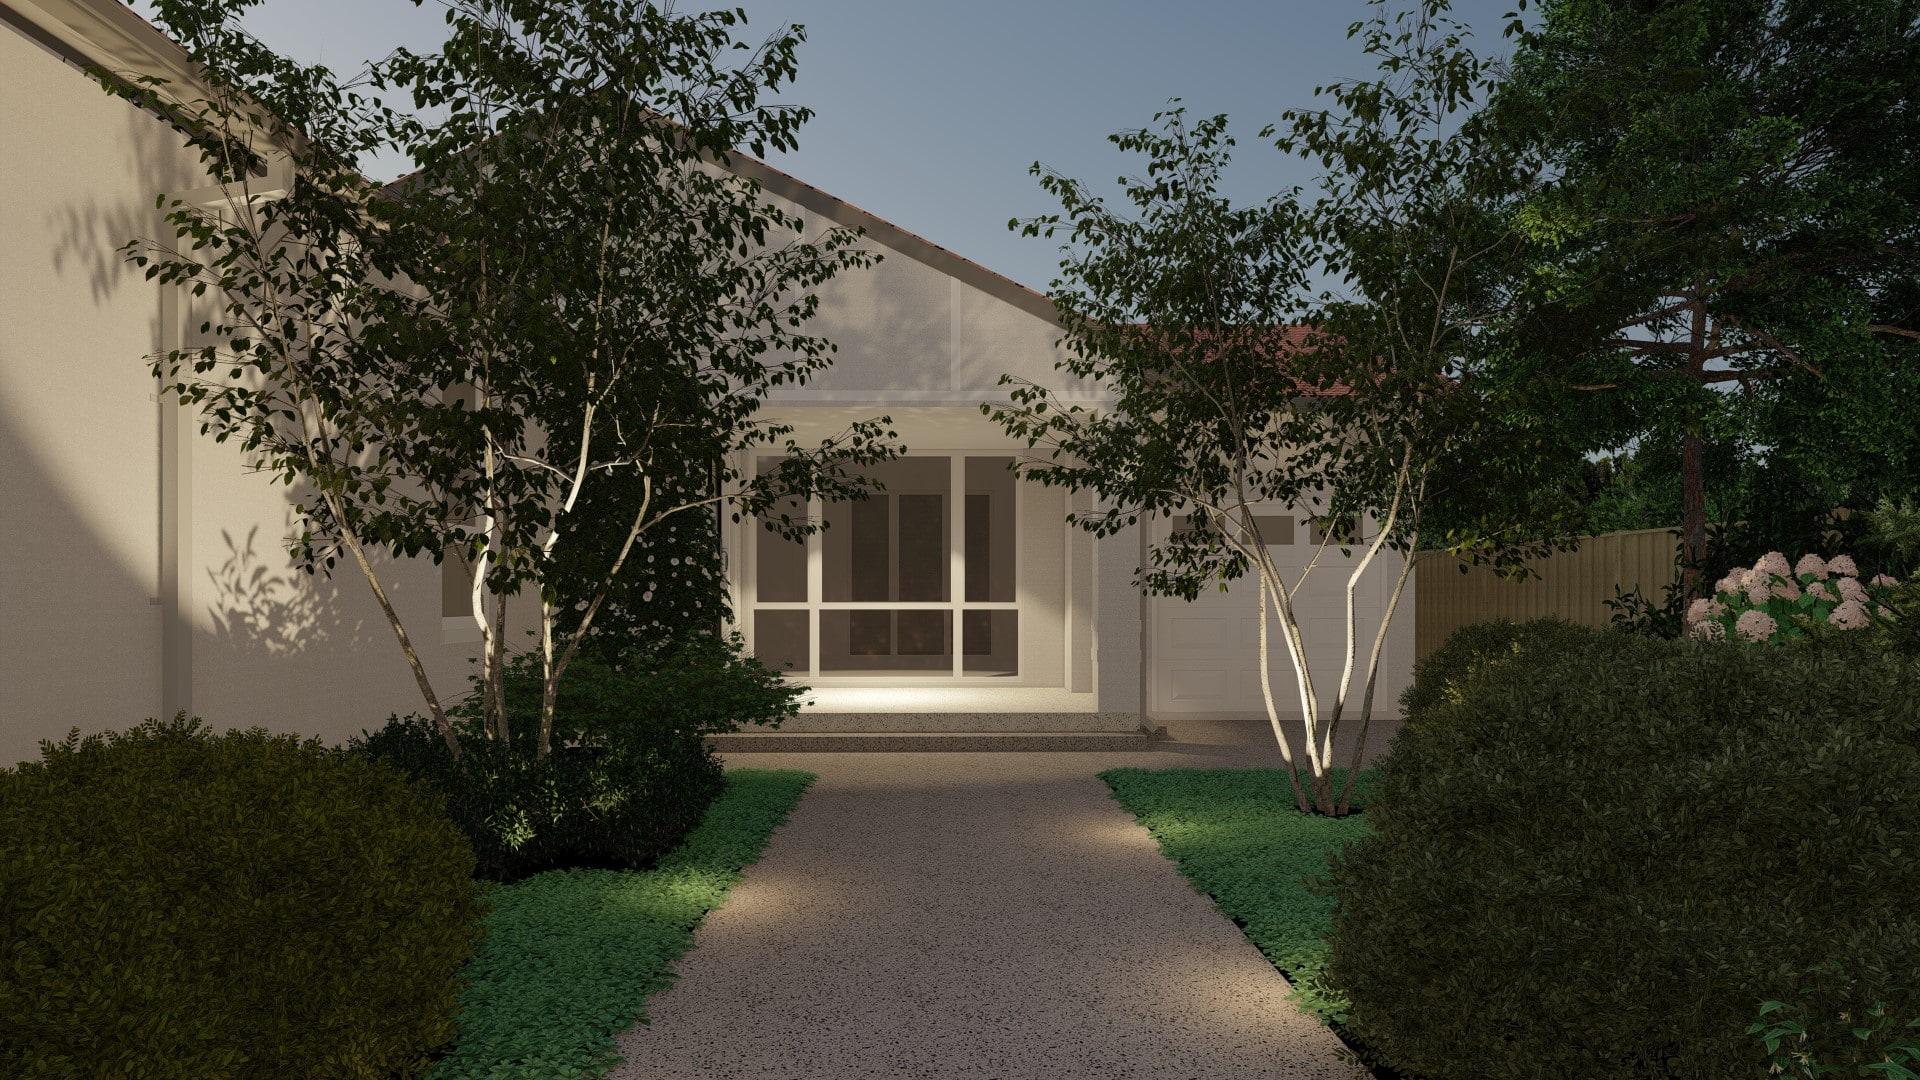 3d design render outdoor lighting dusk